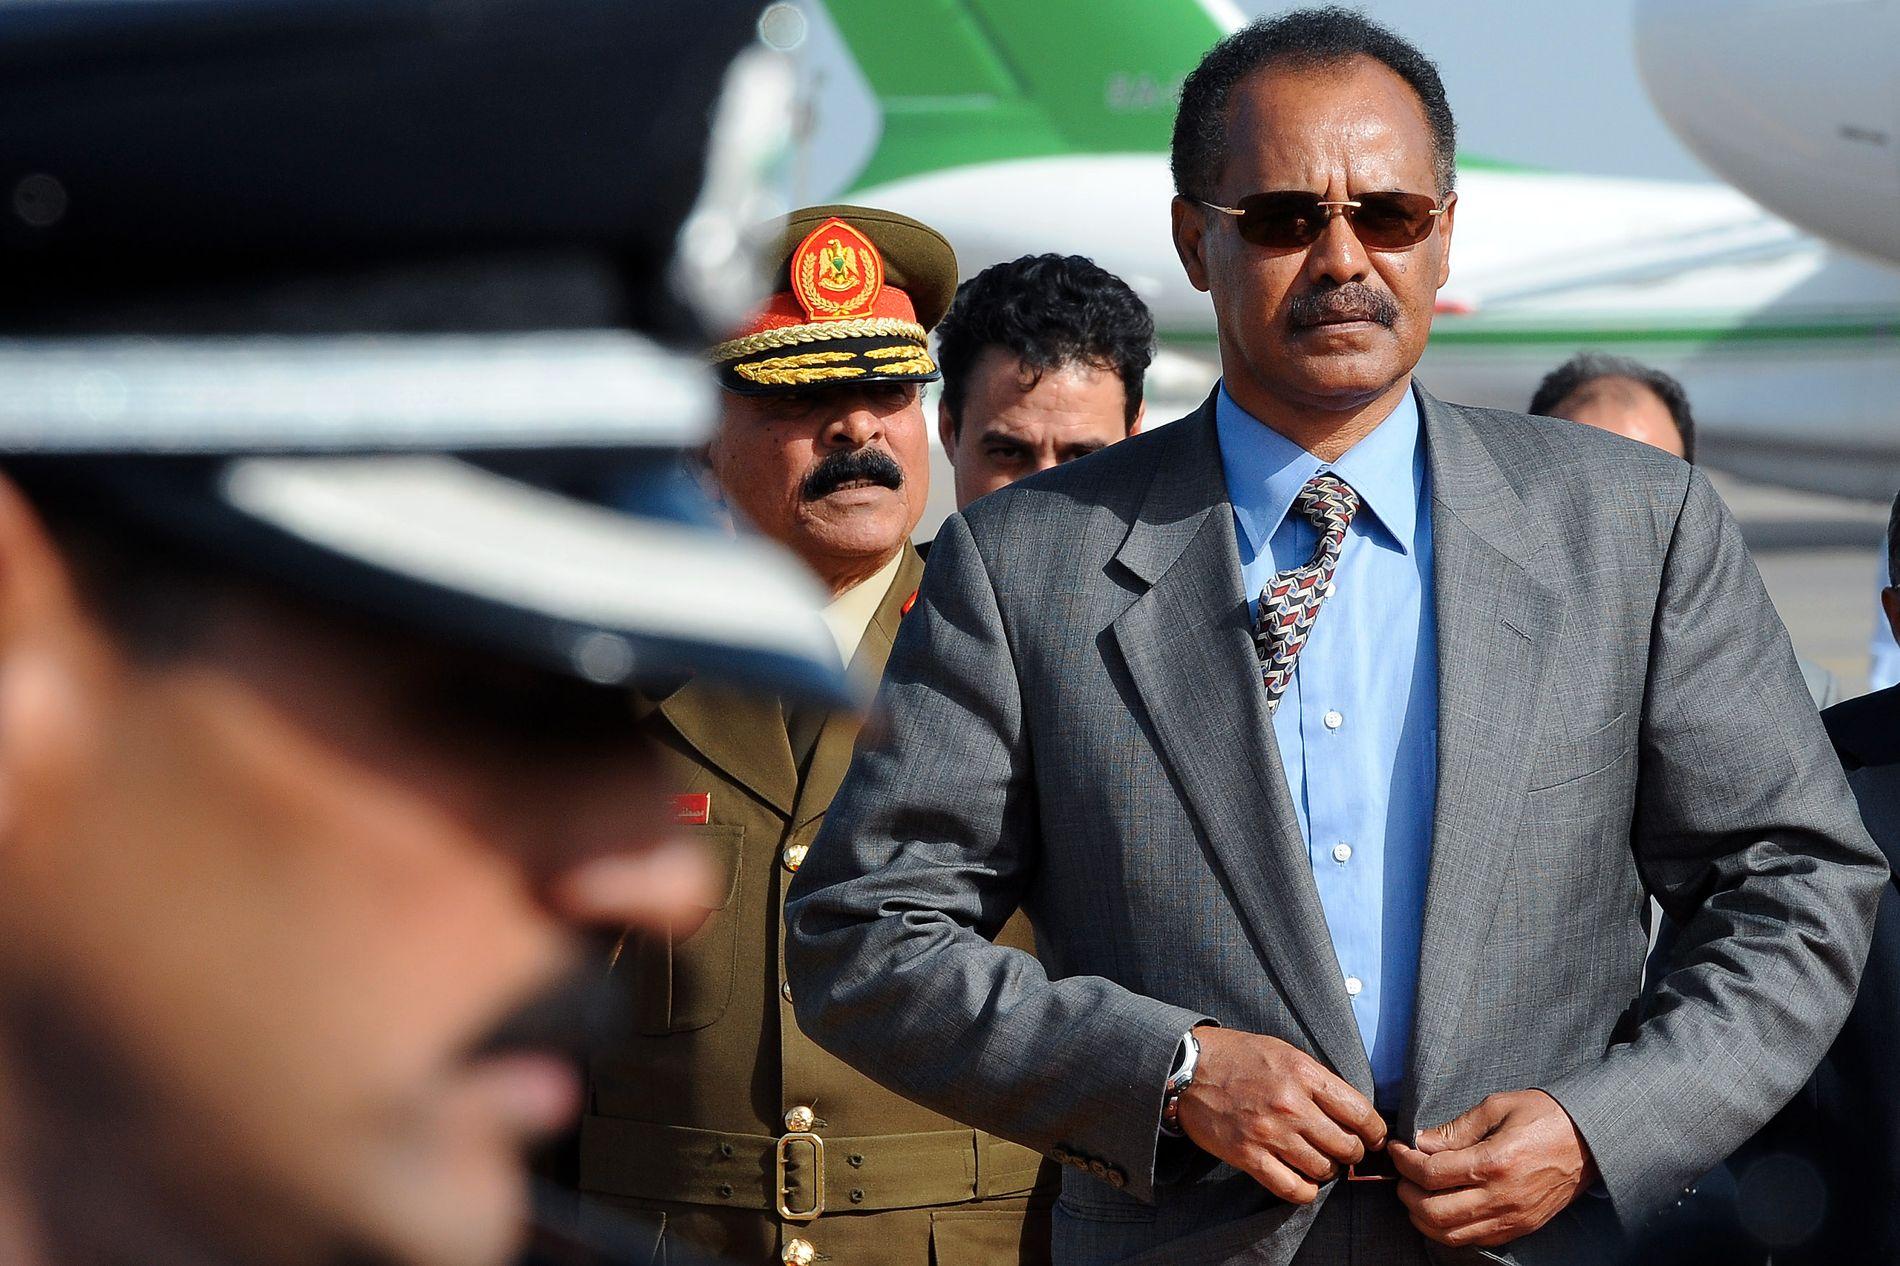 JERNHÅND: Eritreas president Isaias Afwerki har styrt landet og undertrykt befolkningen siden Eritrea fikk sin uavhengighet i 1993.